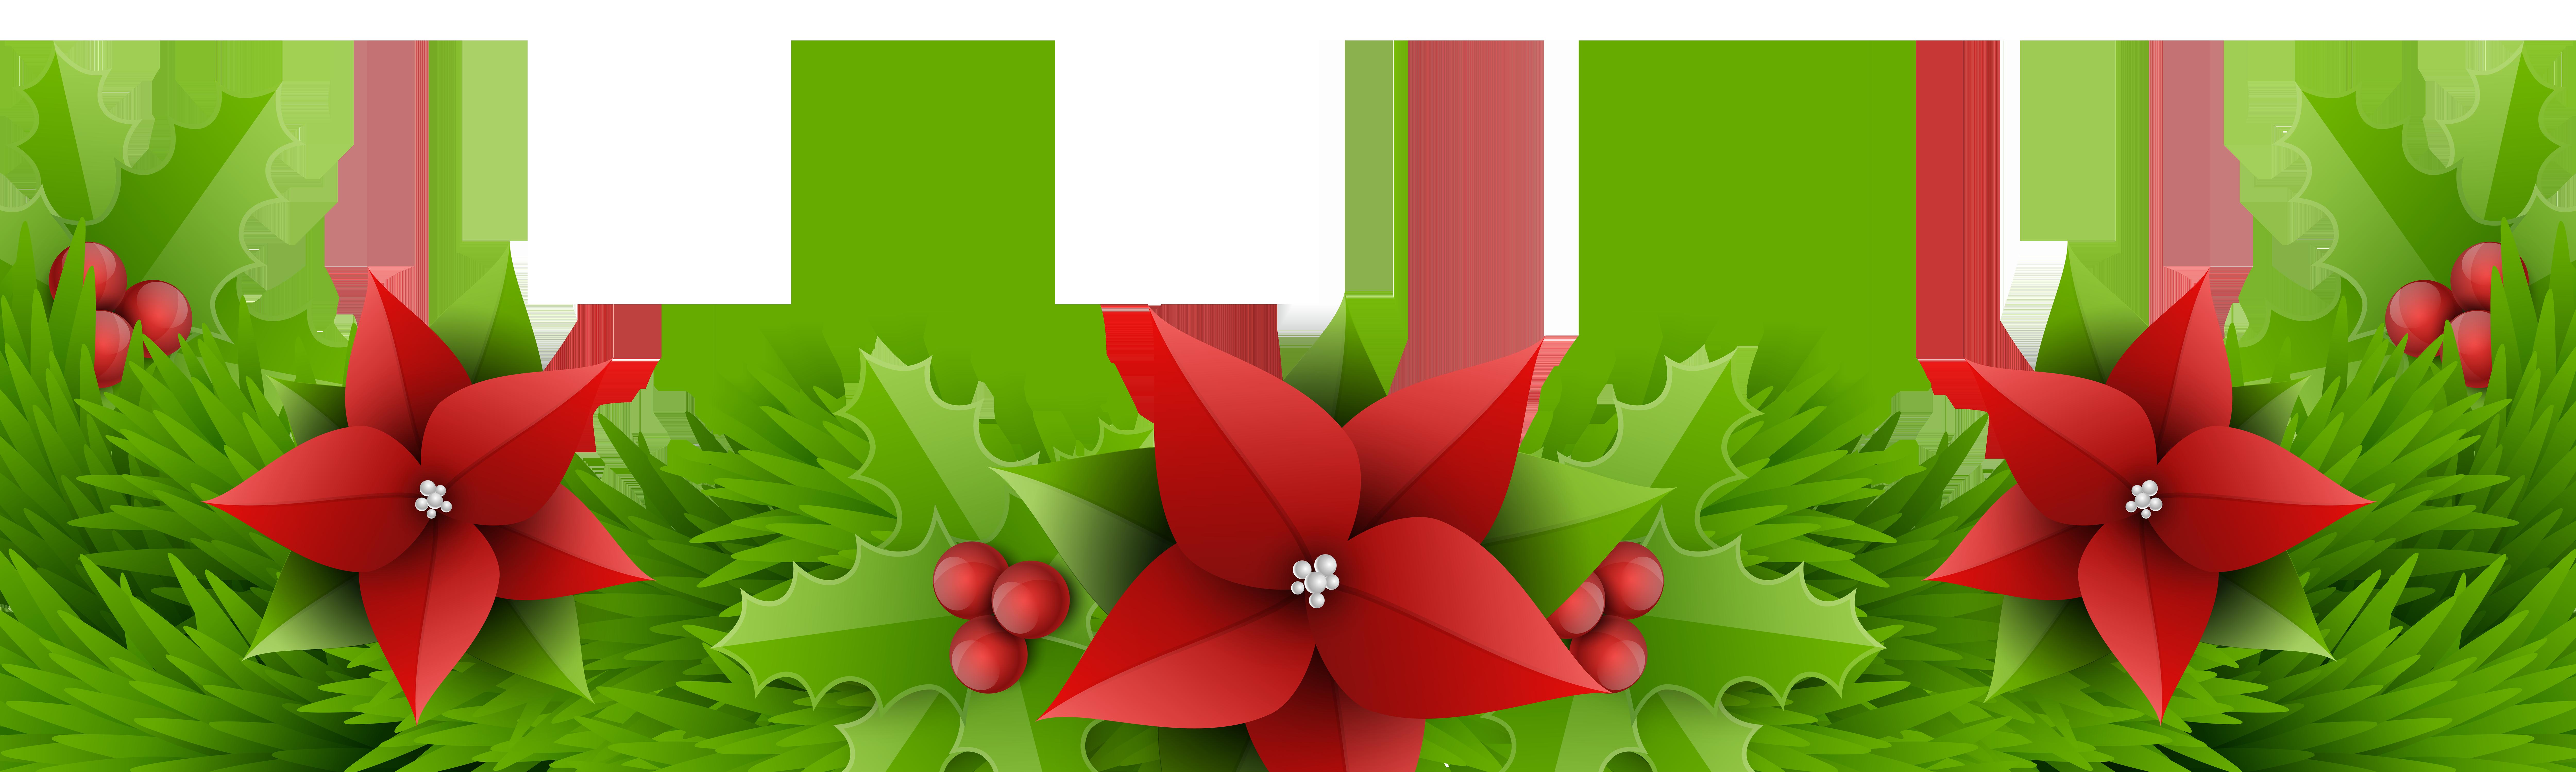 Christmas border decoration transparent. Poinsettias clipart single